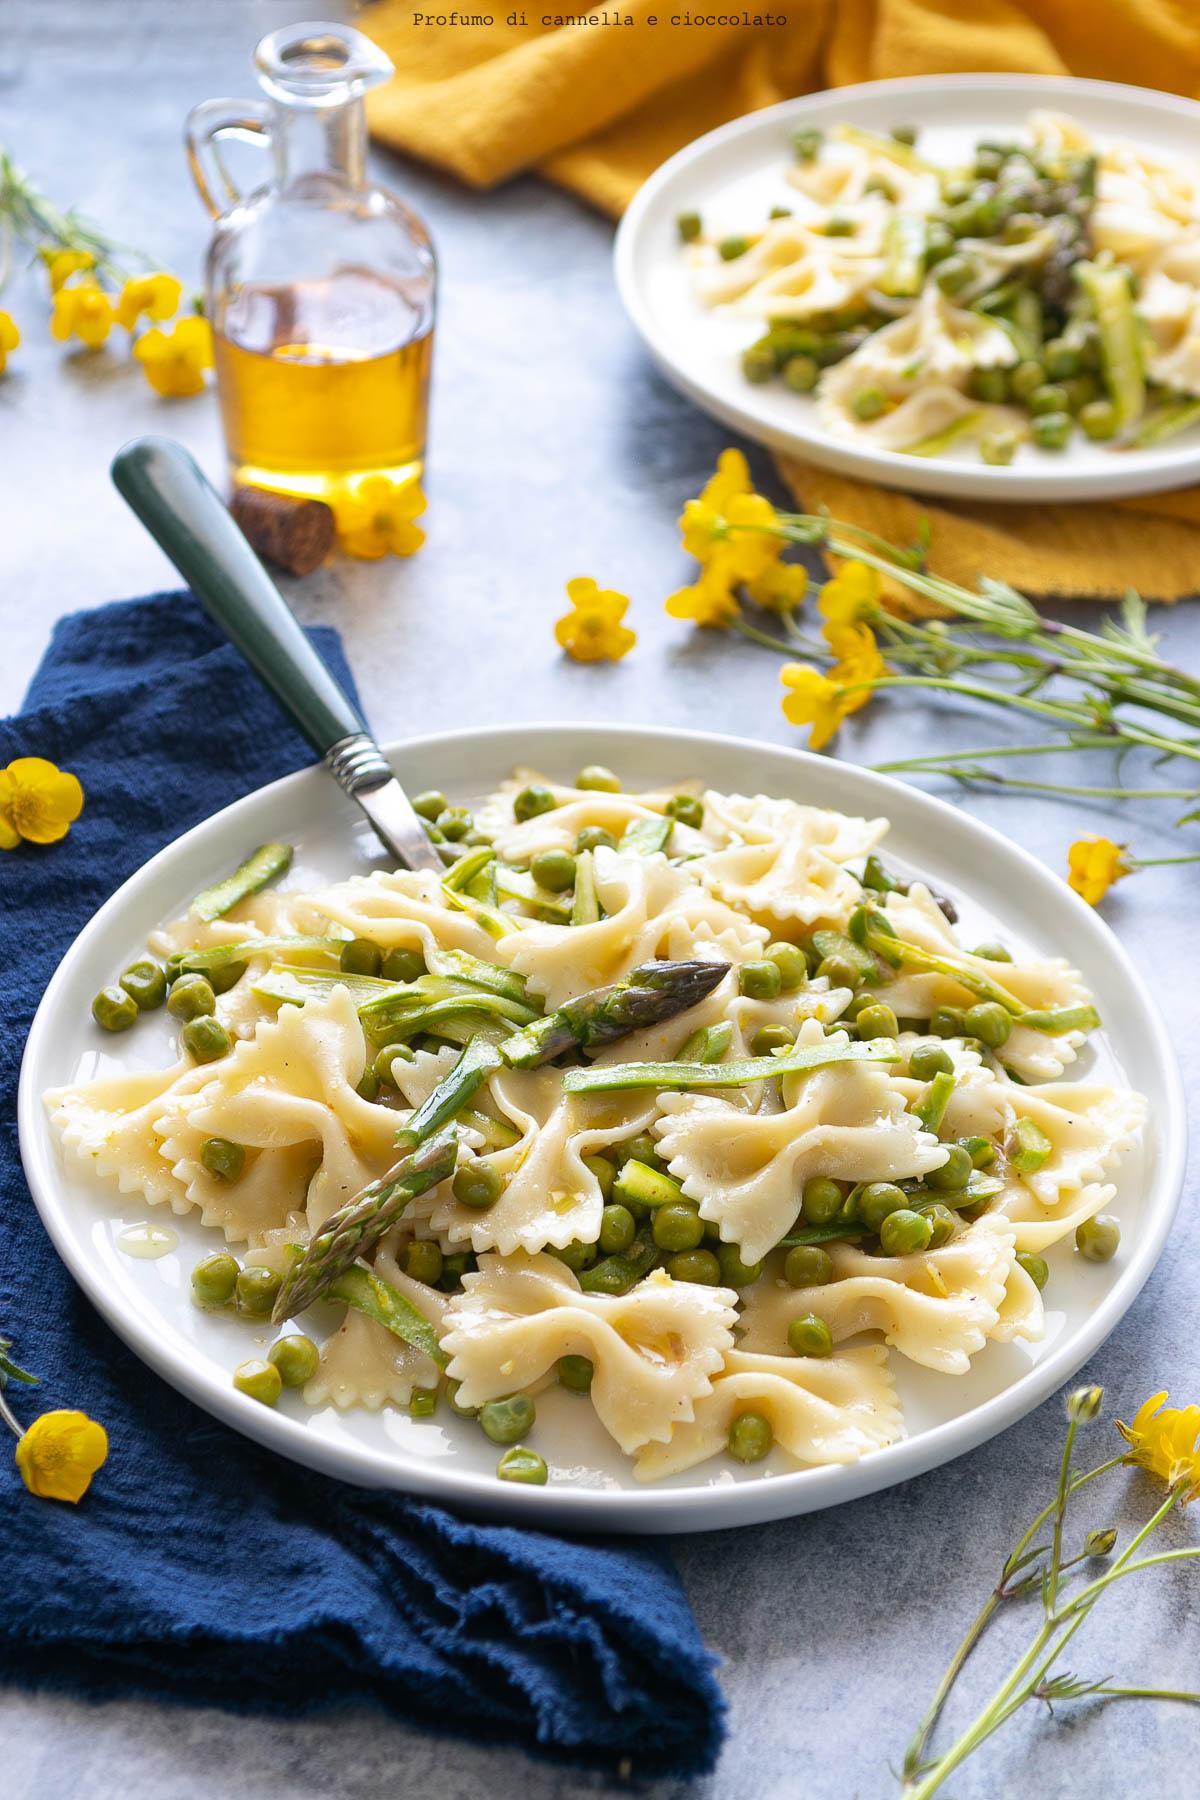 Pasta fredda asparagi piselli e limone